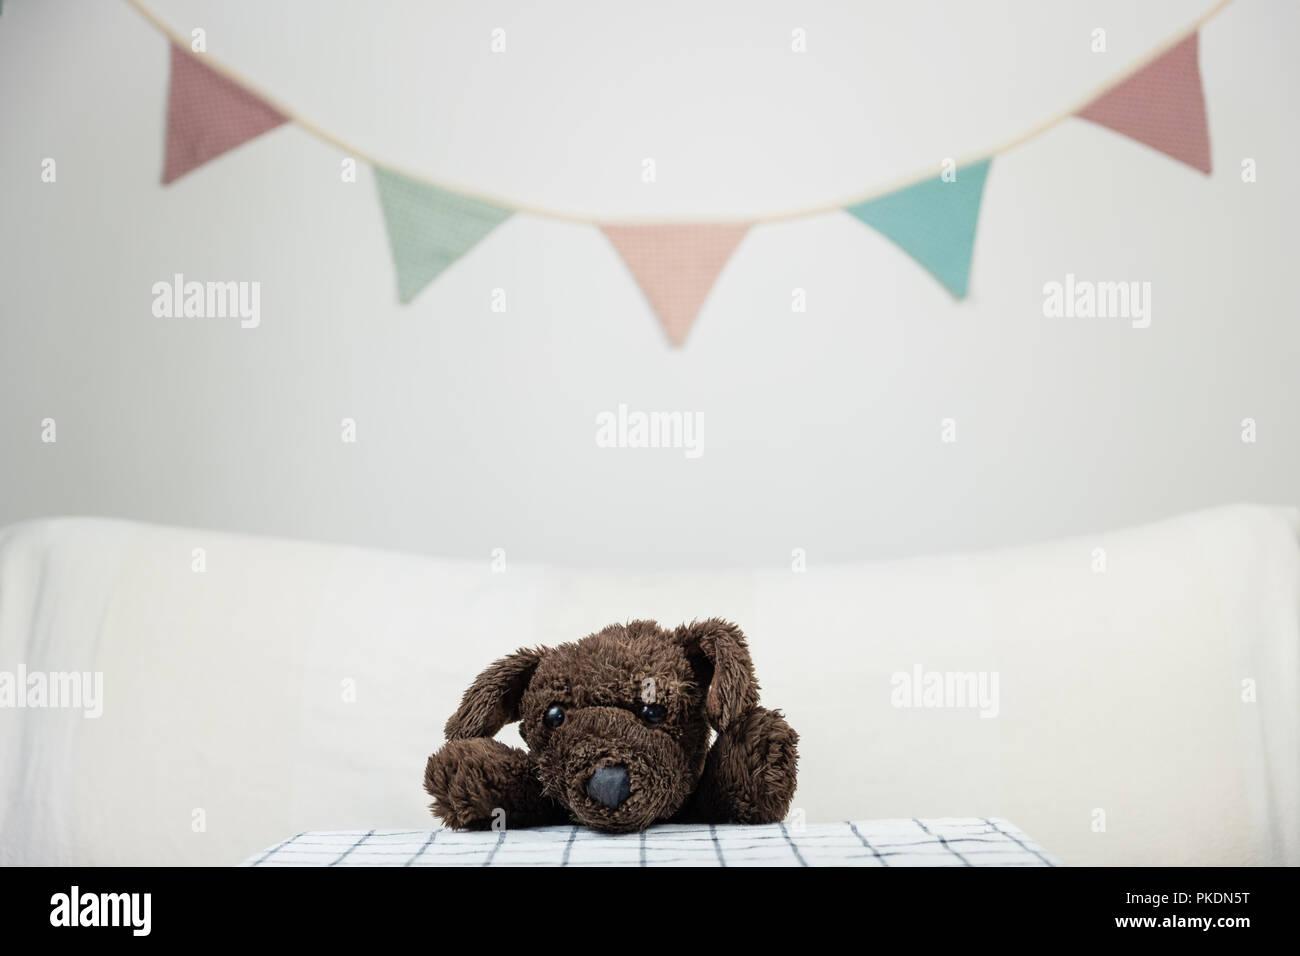 Bambini il concetto di partito con soffici cane giocattolo al tavolo. Immagini Stock